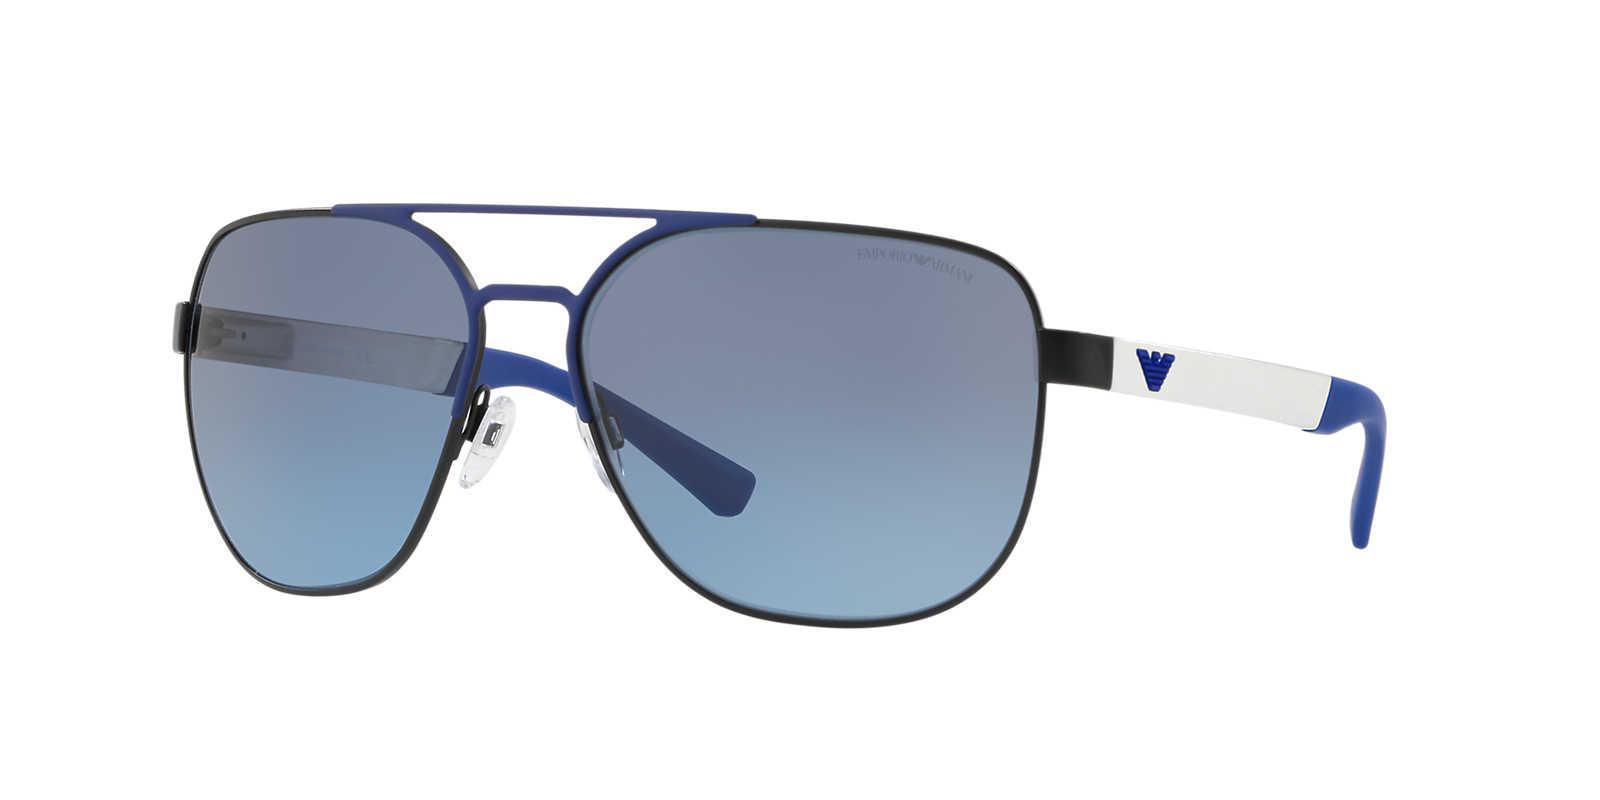 091642b0459b Emporio Armani Sunglass Ea2064 62 in Blue for Men - Lyst